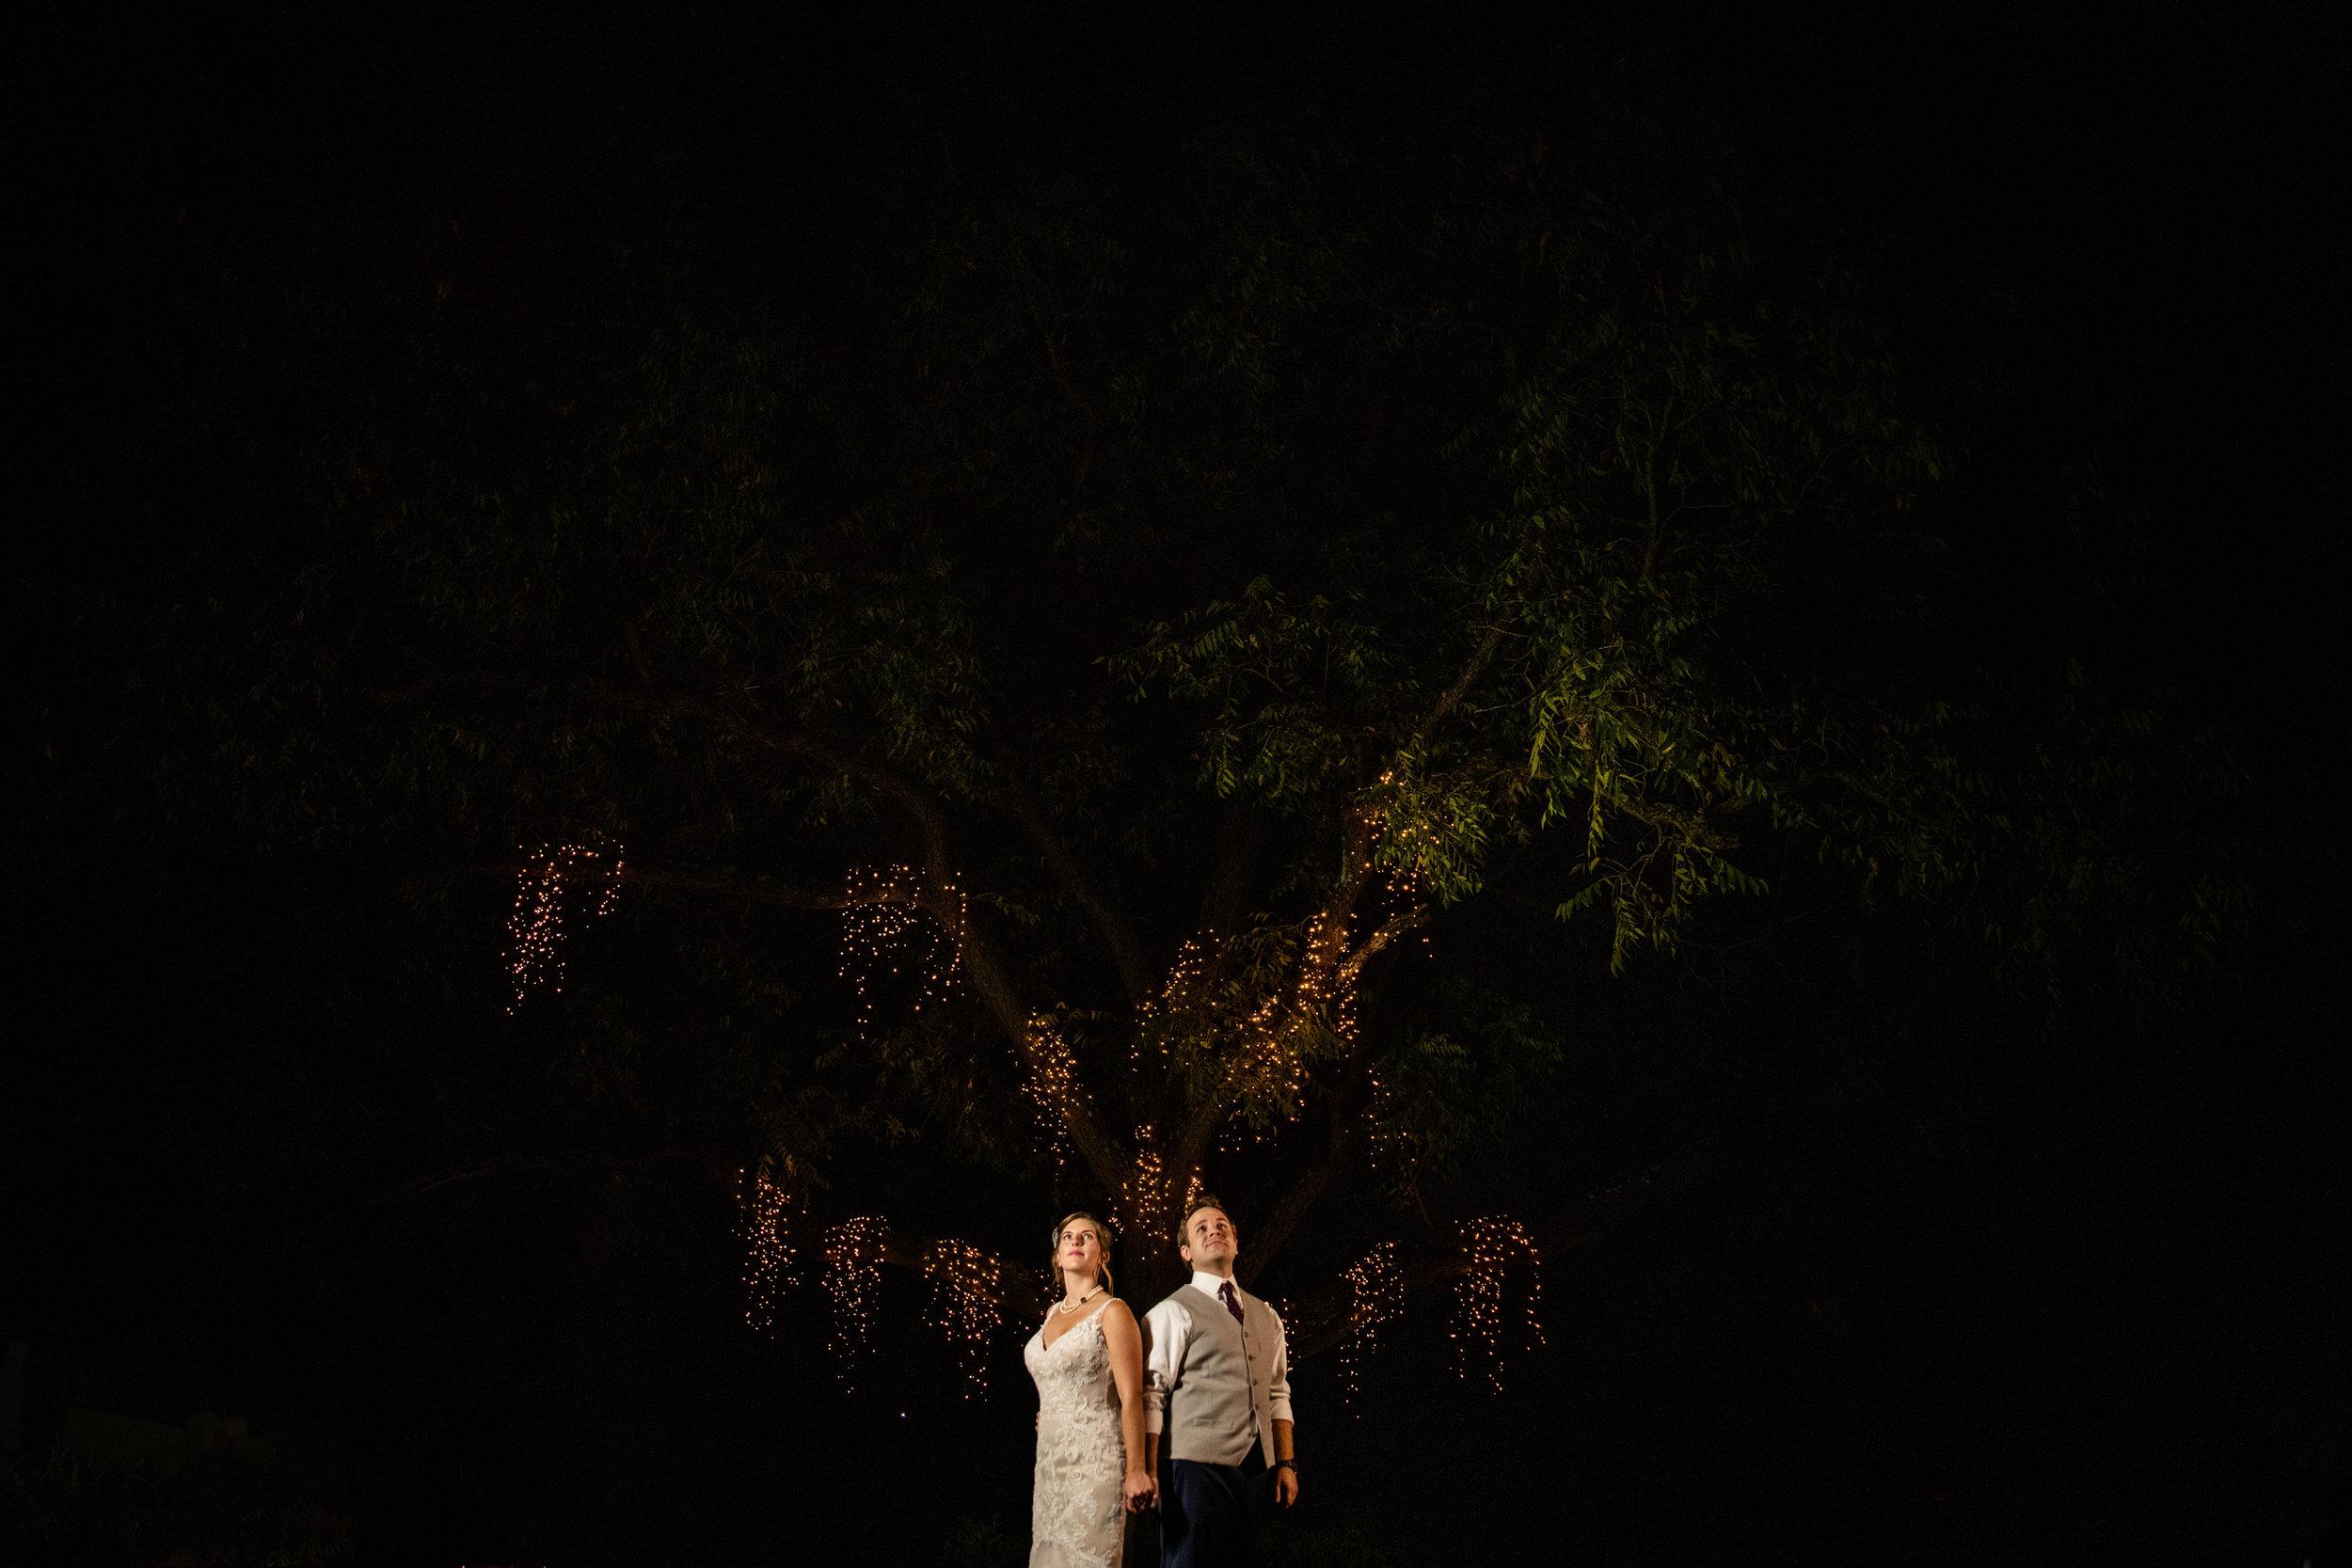 WalkersOverlookWedding-Angela&Ben-Reception-241.jpg